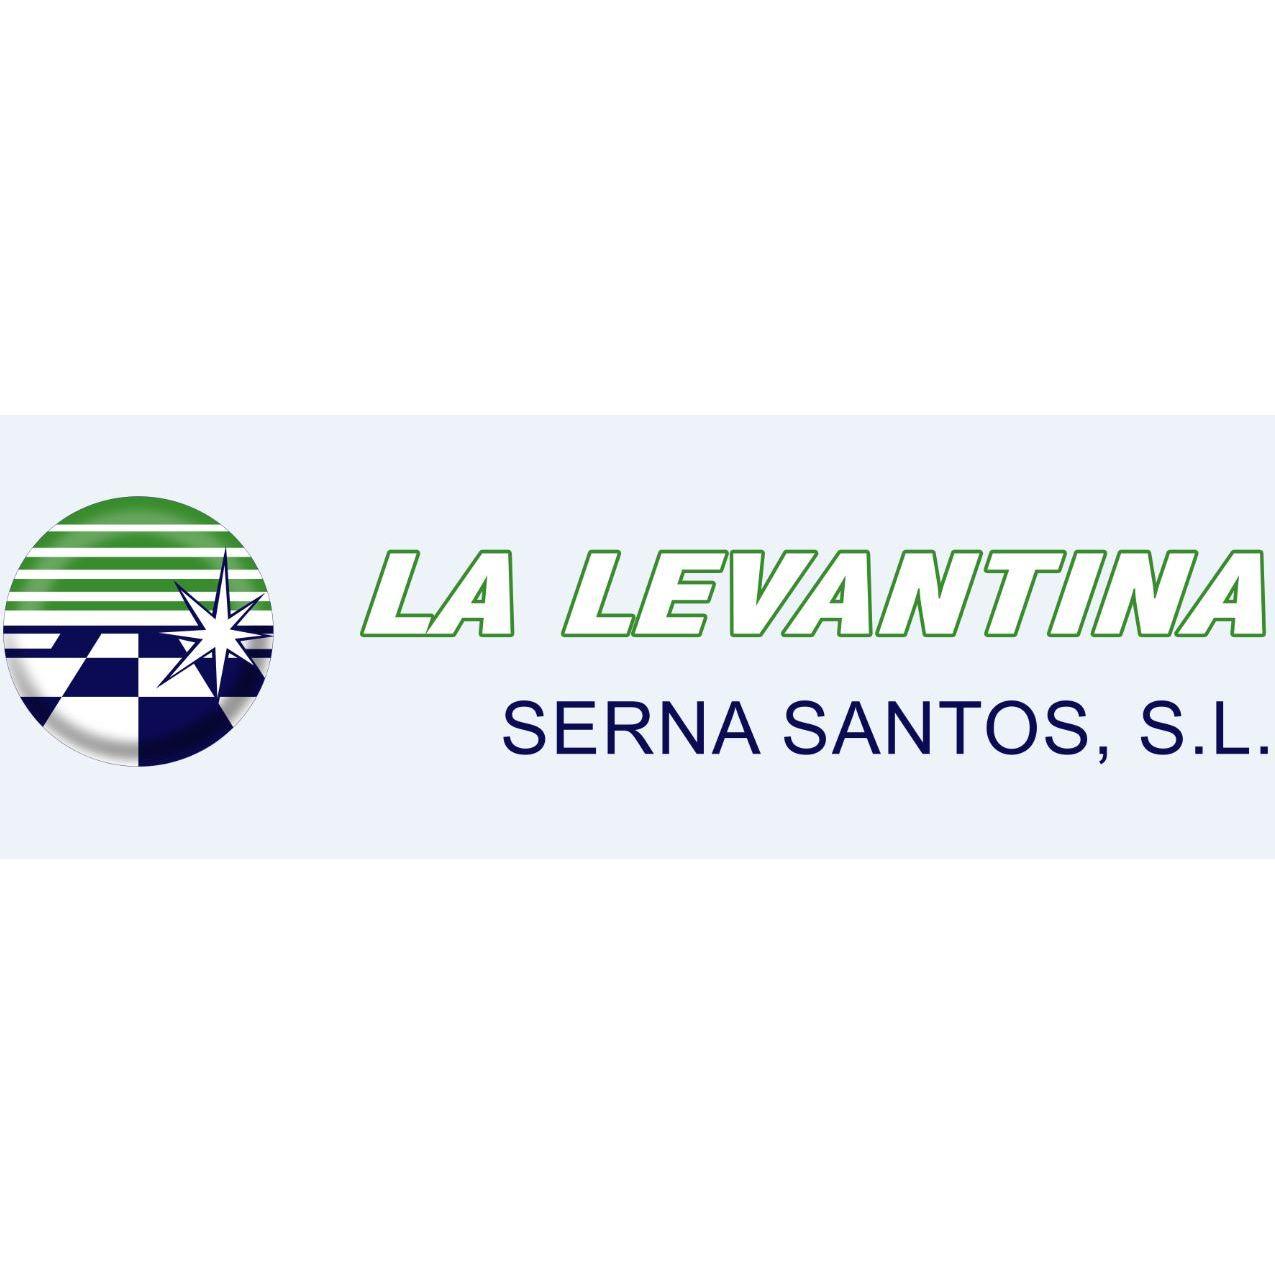 Serna Santos S.l. La Levantina